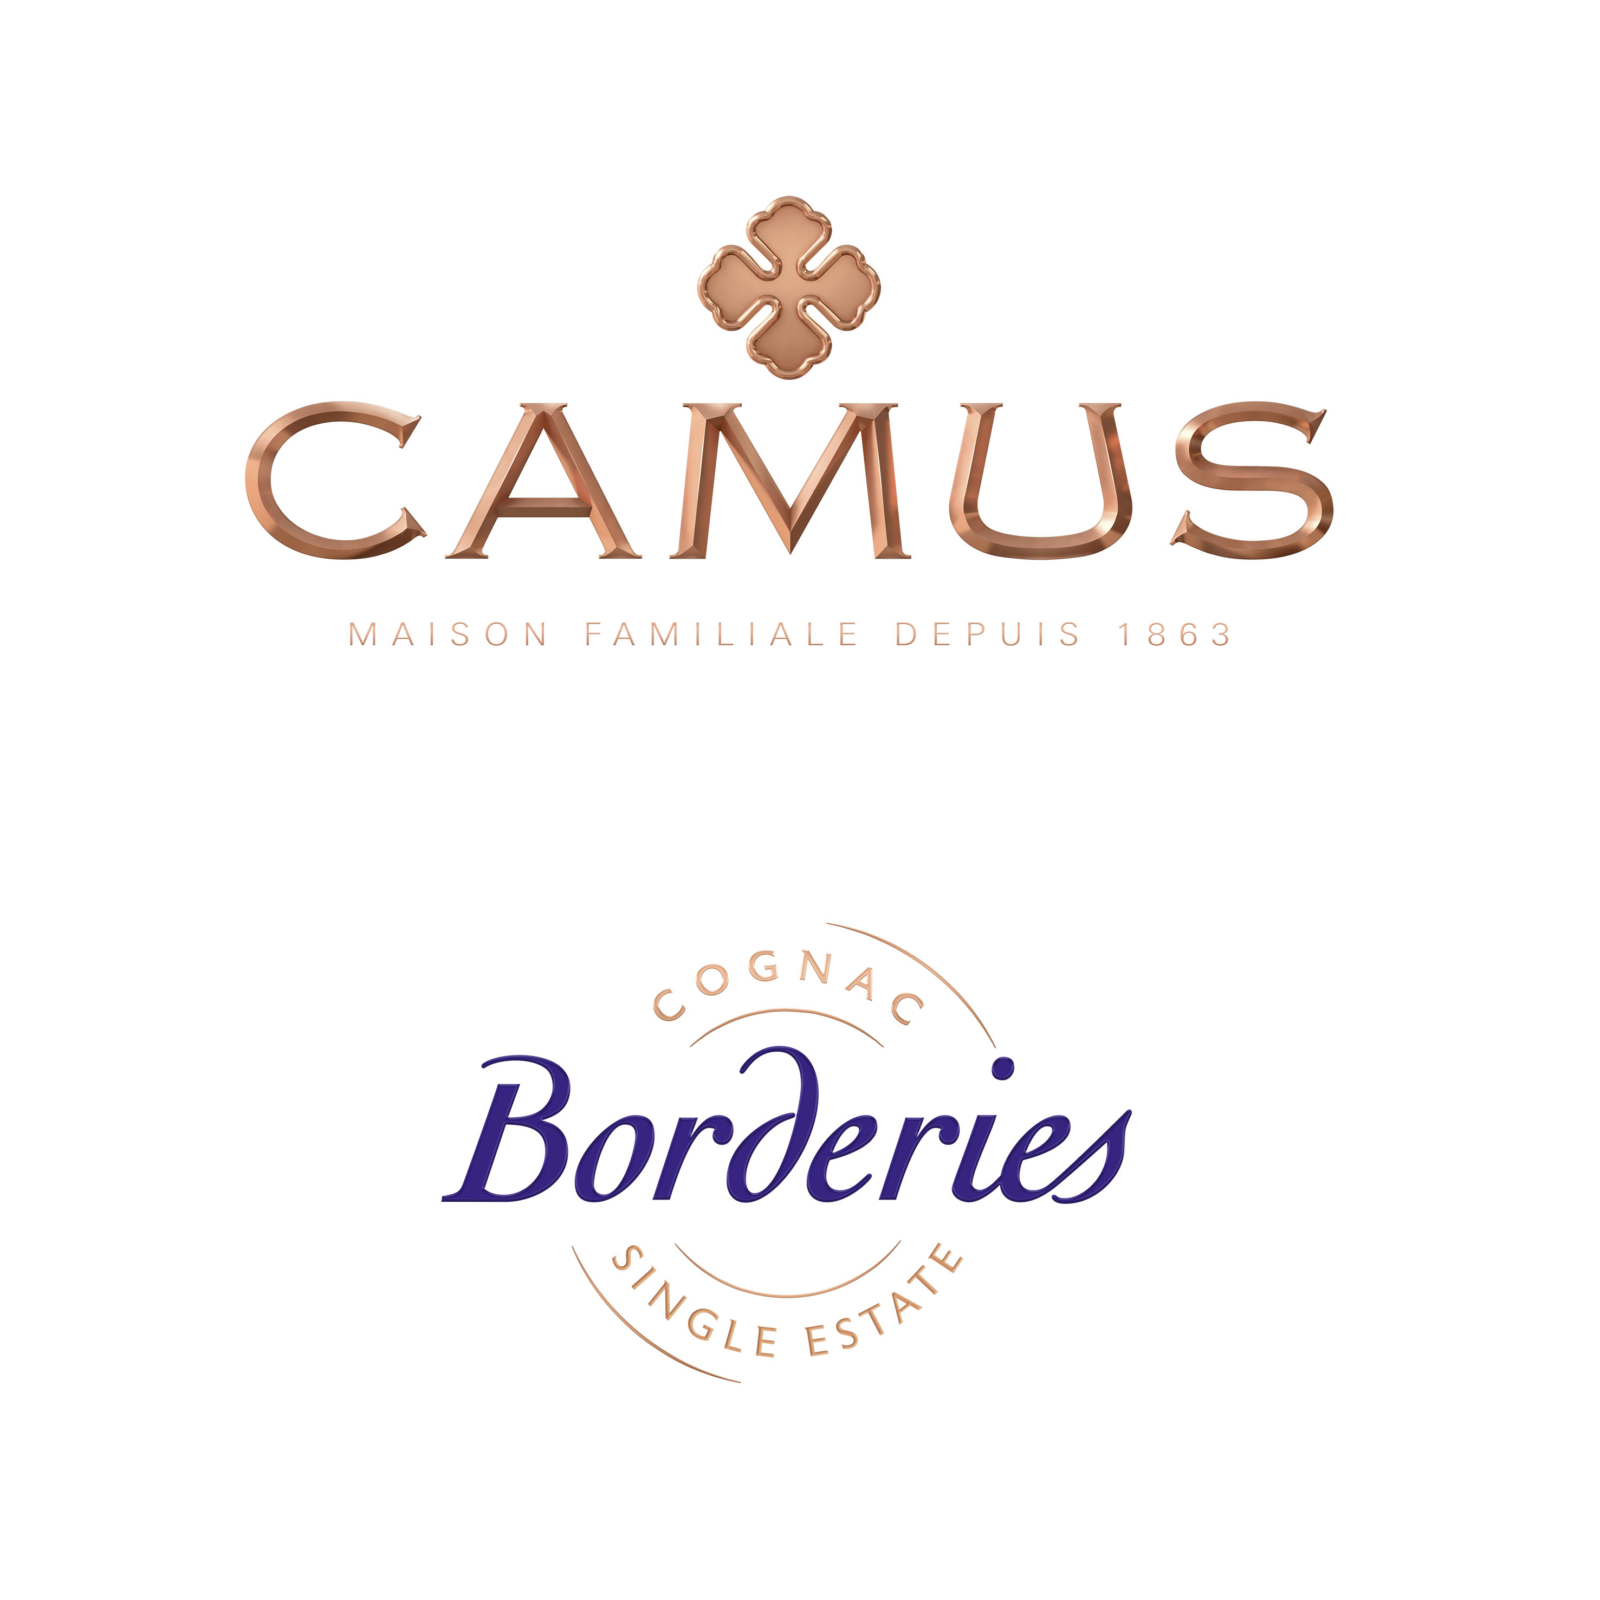 Camus Borderies